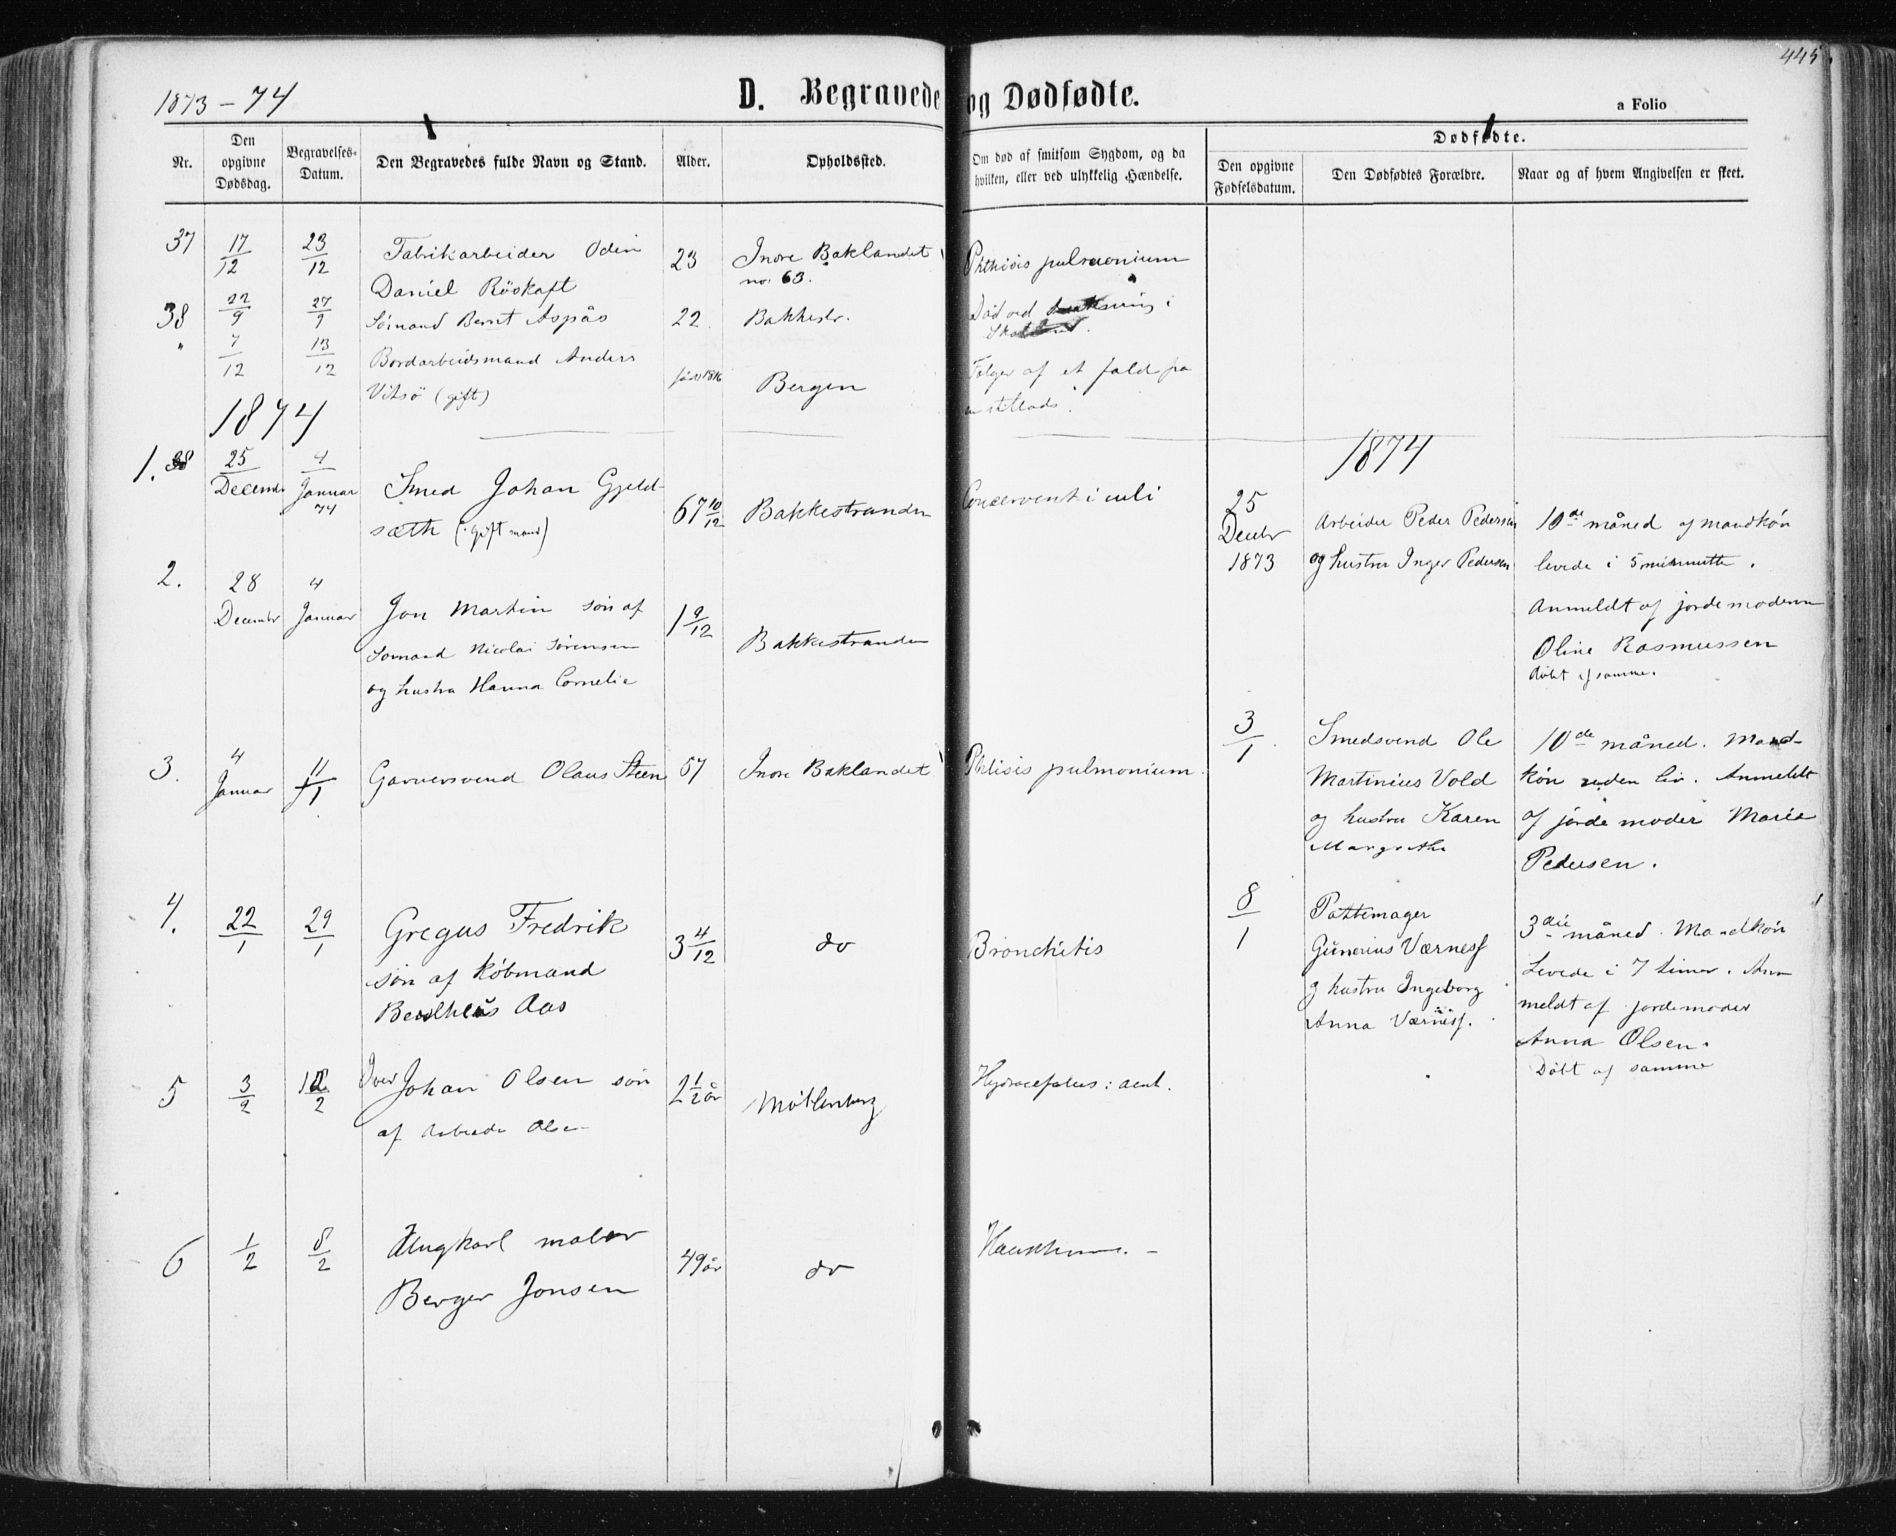 SAT, Ministerialprotokoller, klokkerbøker og fødselsregistre - Sør-Trøndelag, 604/L0186: Ministerialbok nr. 604A07, 1866-1877, s. 445